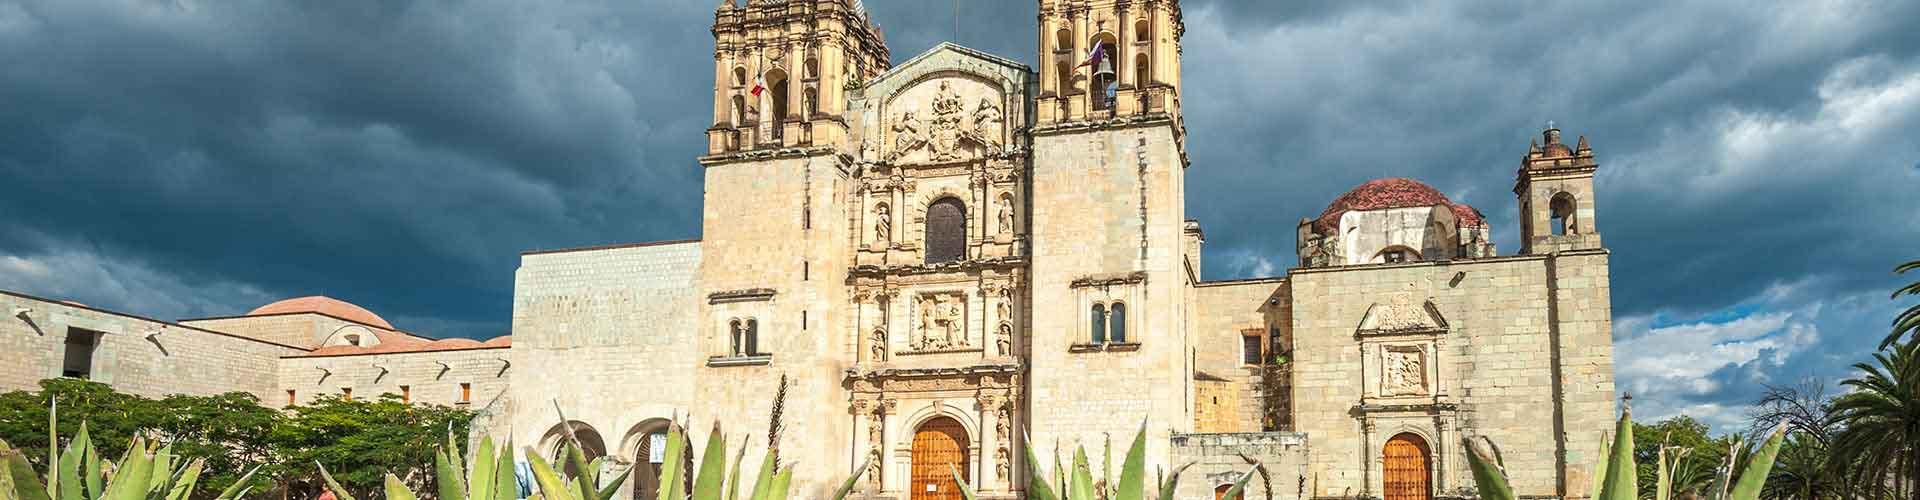 Oaxaca - Hôtels à Oaxaca. Cartes pour Oaxaca, photos et commentaires pour chaque hôtel à Oaxaca.